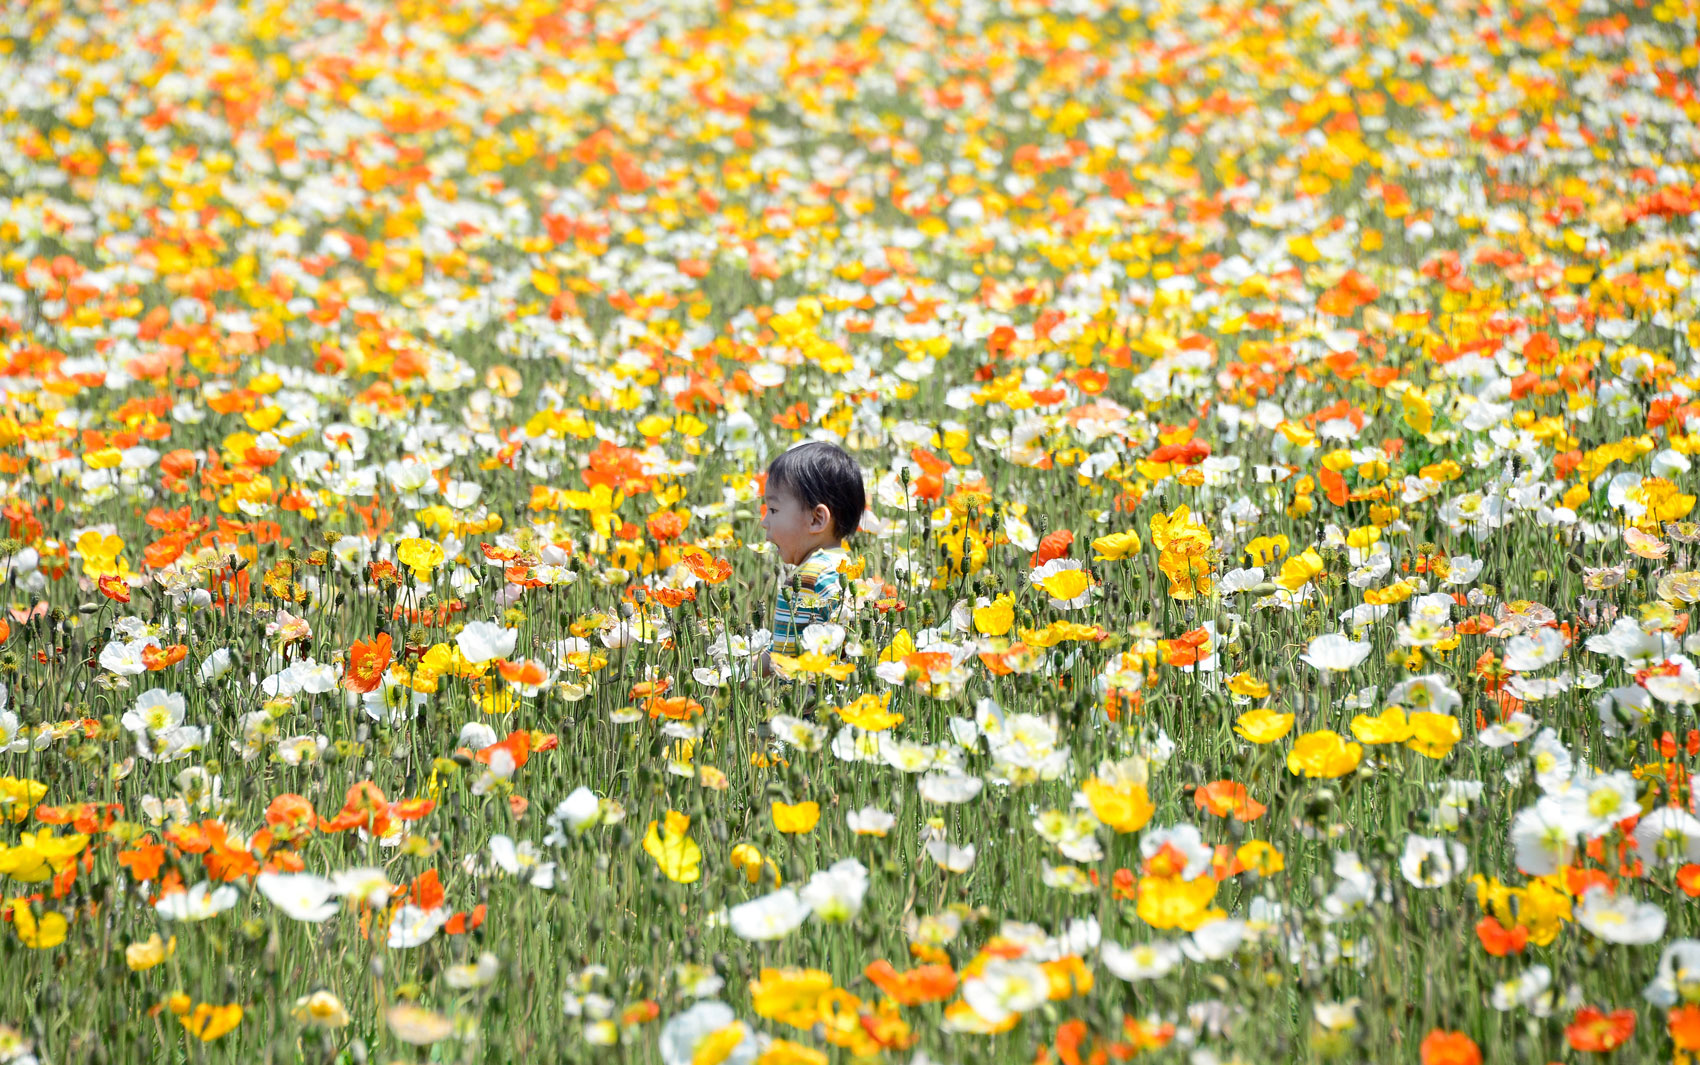 fotos de jardim florido : fotos de jardim florido:Imagens do dia – 6 de maio de 2013 – fotos em Fotos – g1